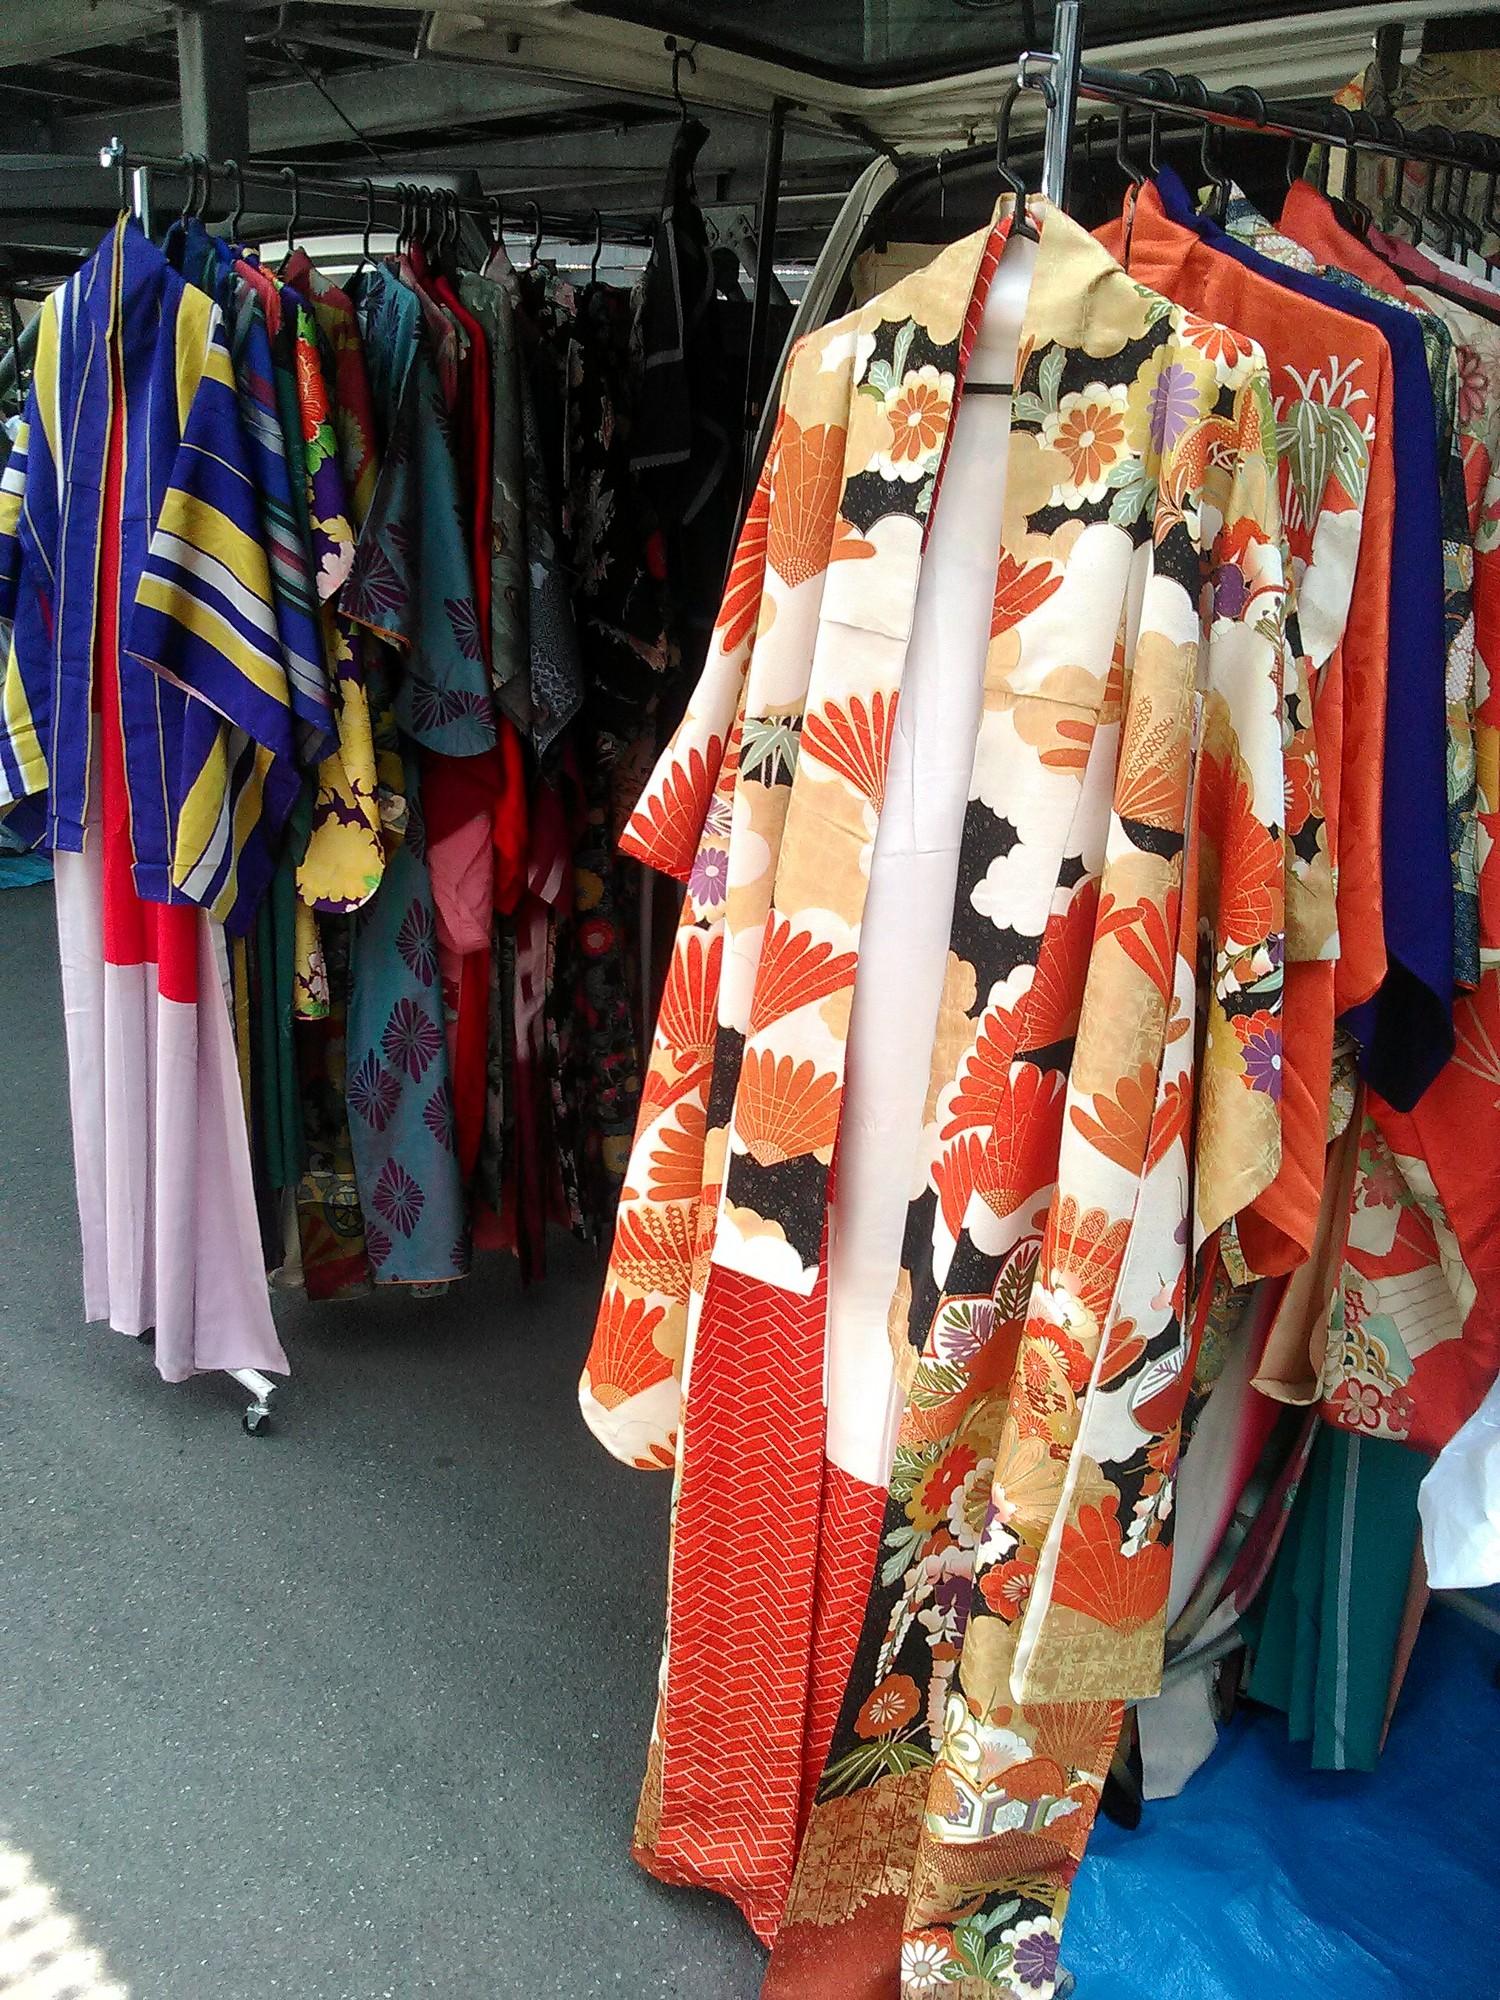 ed7753f9f Недорогие кимоно иногда продаются в секонд-хендах. В Осаке в районе  торговой улицы Синсайбаси-судзи есть парочка секонд-хендов, продающих  кимоно за 10 ...